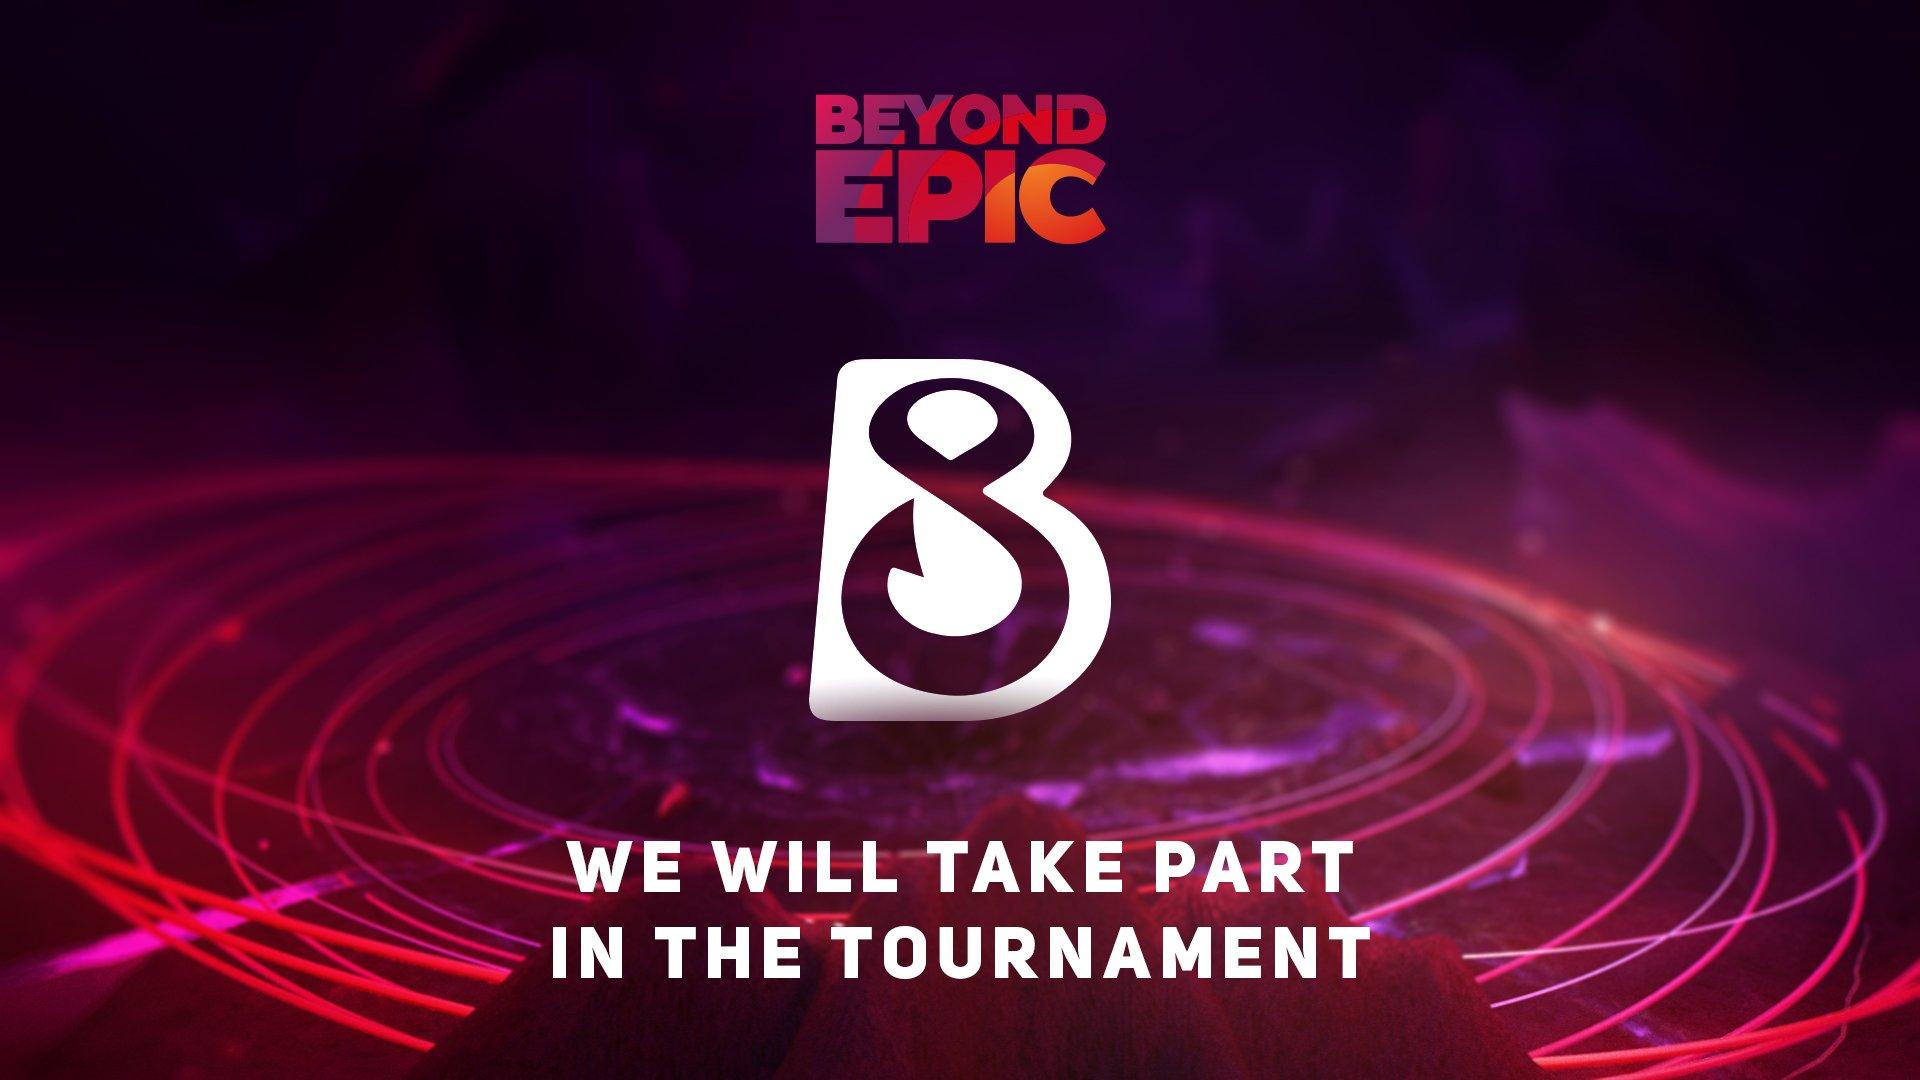 api cdn.gametv.vn 2b2ea1f82e0ad745b9aa55554babb7c9 - NaVi không sẵn sàng để thi đấu tại Beyond Epic, còn B8 của Dendi thì có